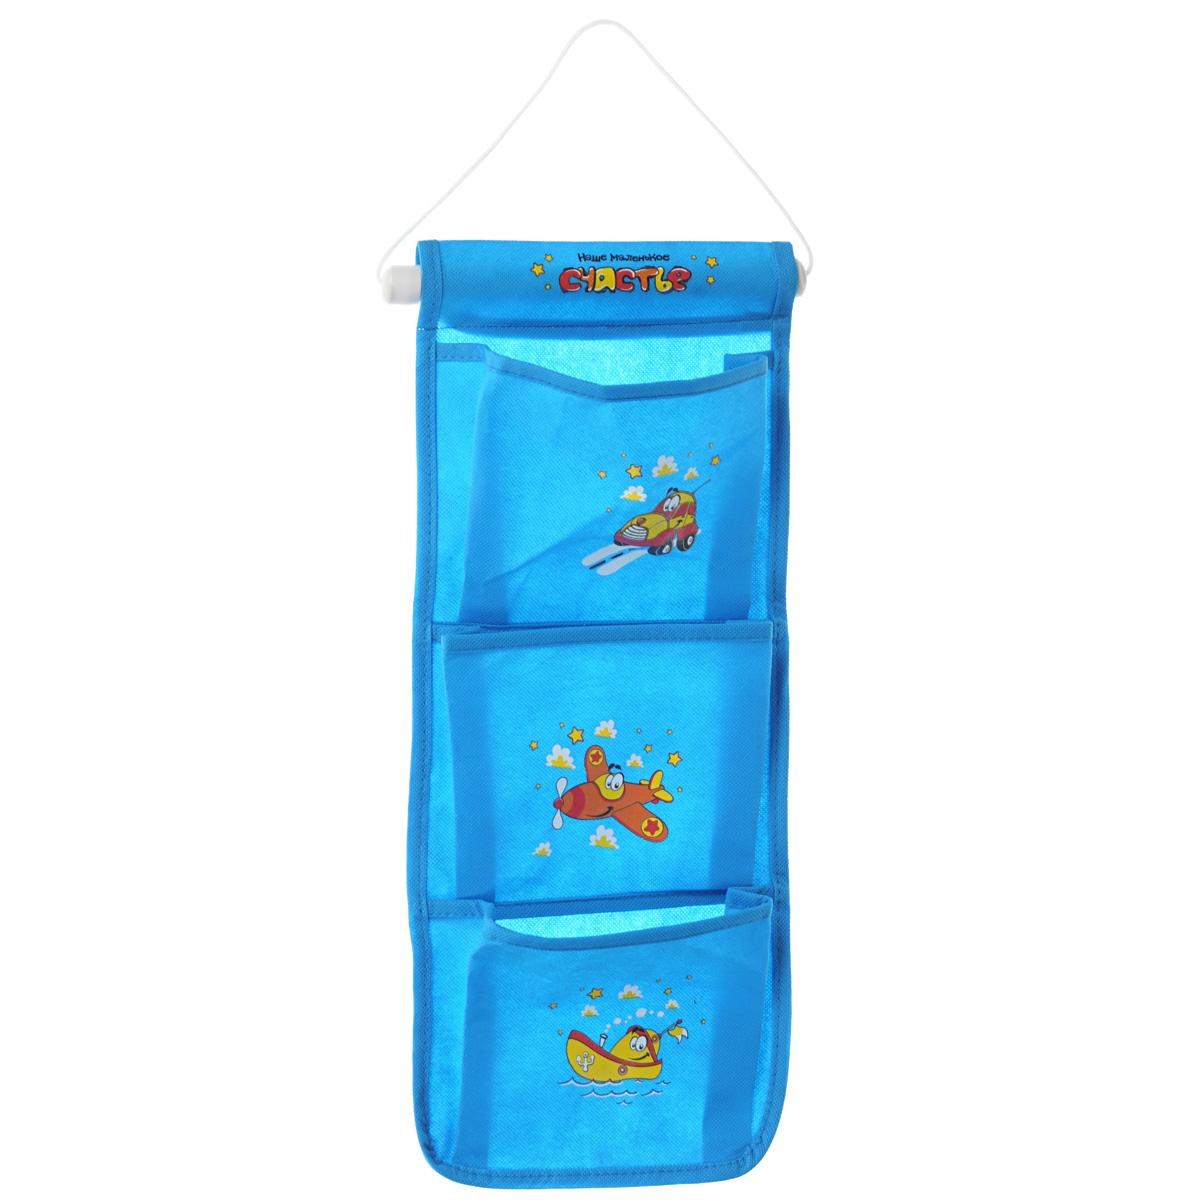 Кармашки на стену Sima-land Для нашего мальчика, цвет: синий, 3 шт139983Кармашки на стену Sima-land Для нашего мальчика, изготовленные из текстиля, предназначены для хранения необходимых вещей, множества мелочей в гардеробной, ванной, детской комнатах. Изделие представляет собой текстильное полотно с тремя пришитыми кармашками. Благодаря пластиковой планке и шнурку, кармашки можно подвесить на стену или дверь в необходимом для вас месте. Кармашки декорированы изображениями машинки, самолета и парохода. Этот нужный предмет может стать одновременно и декоративным элементом комнаты. Яркий дизайн, как ничто иное, способен оживить интерьер вашего дома.